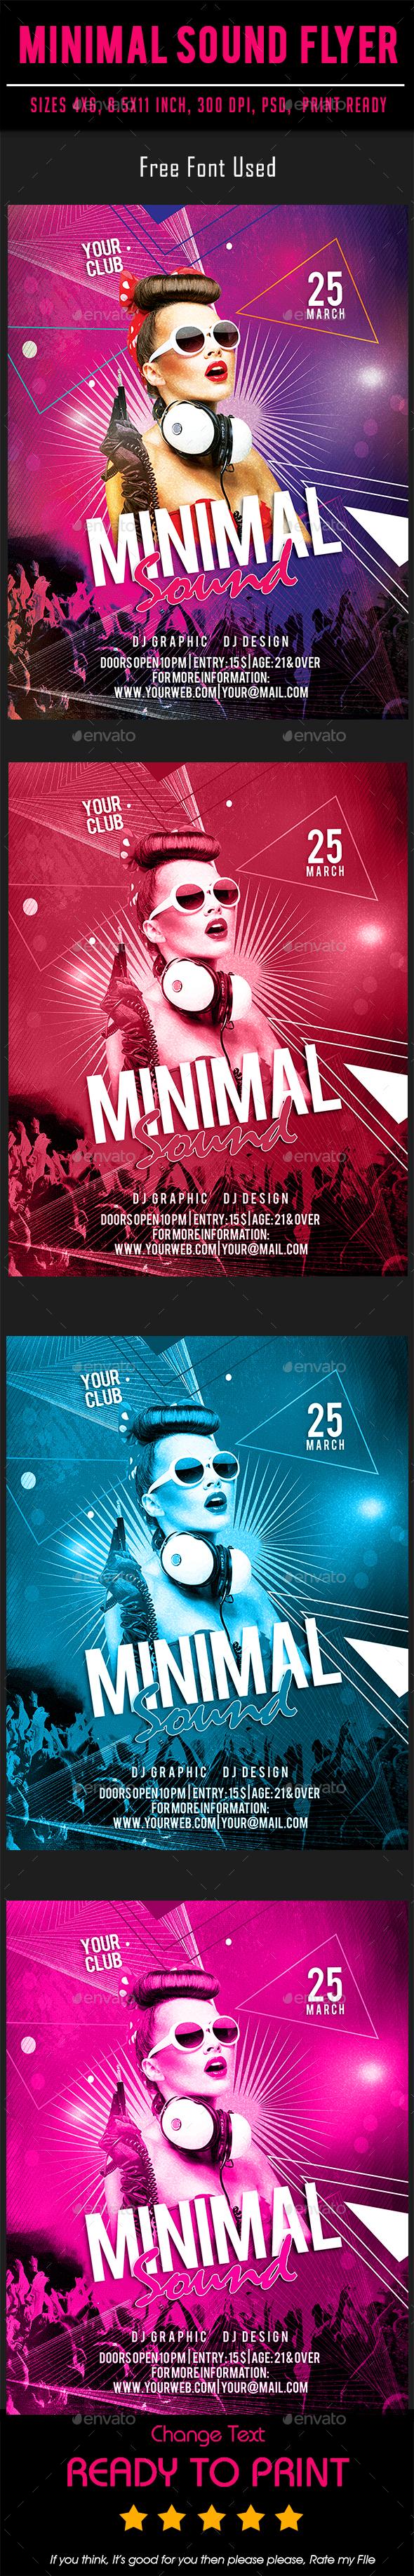 Minimal Sound Flyer - Events Flyers